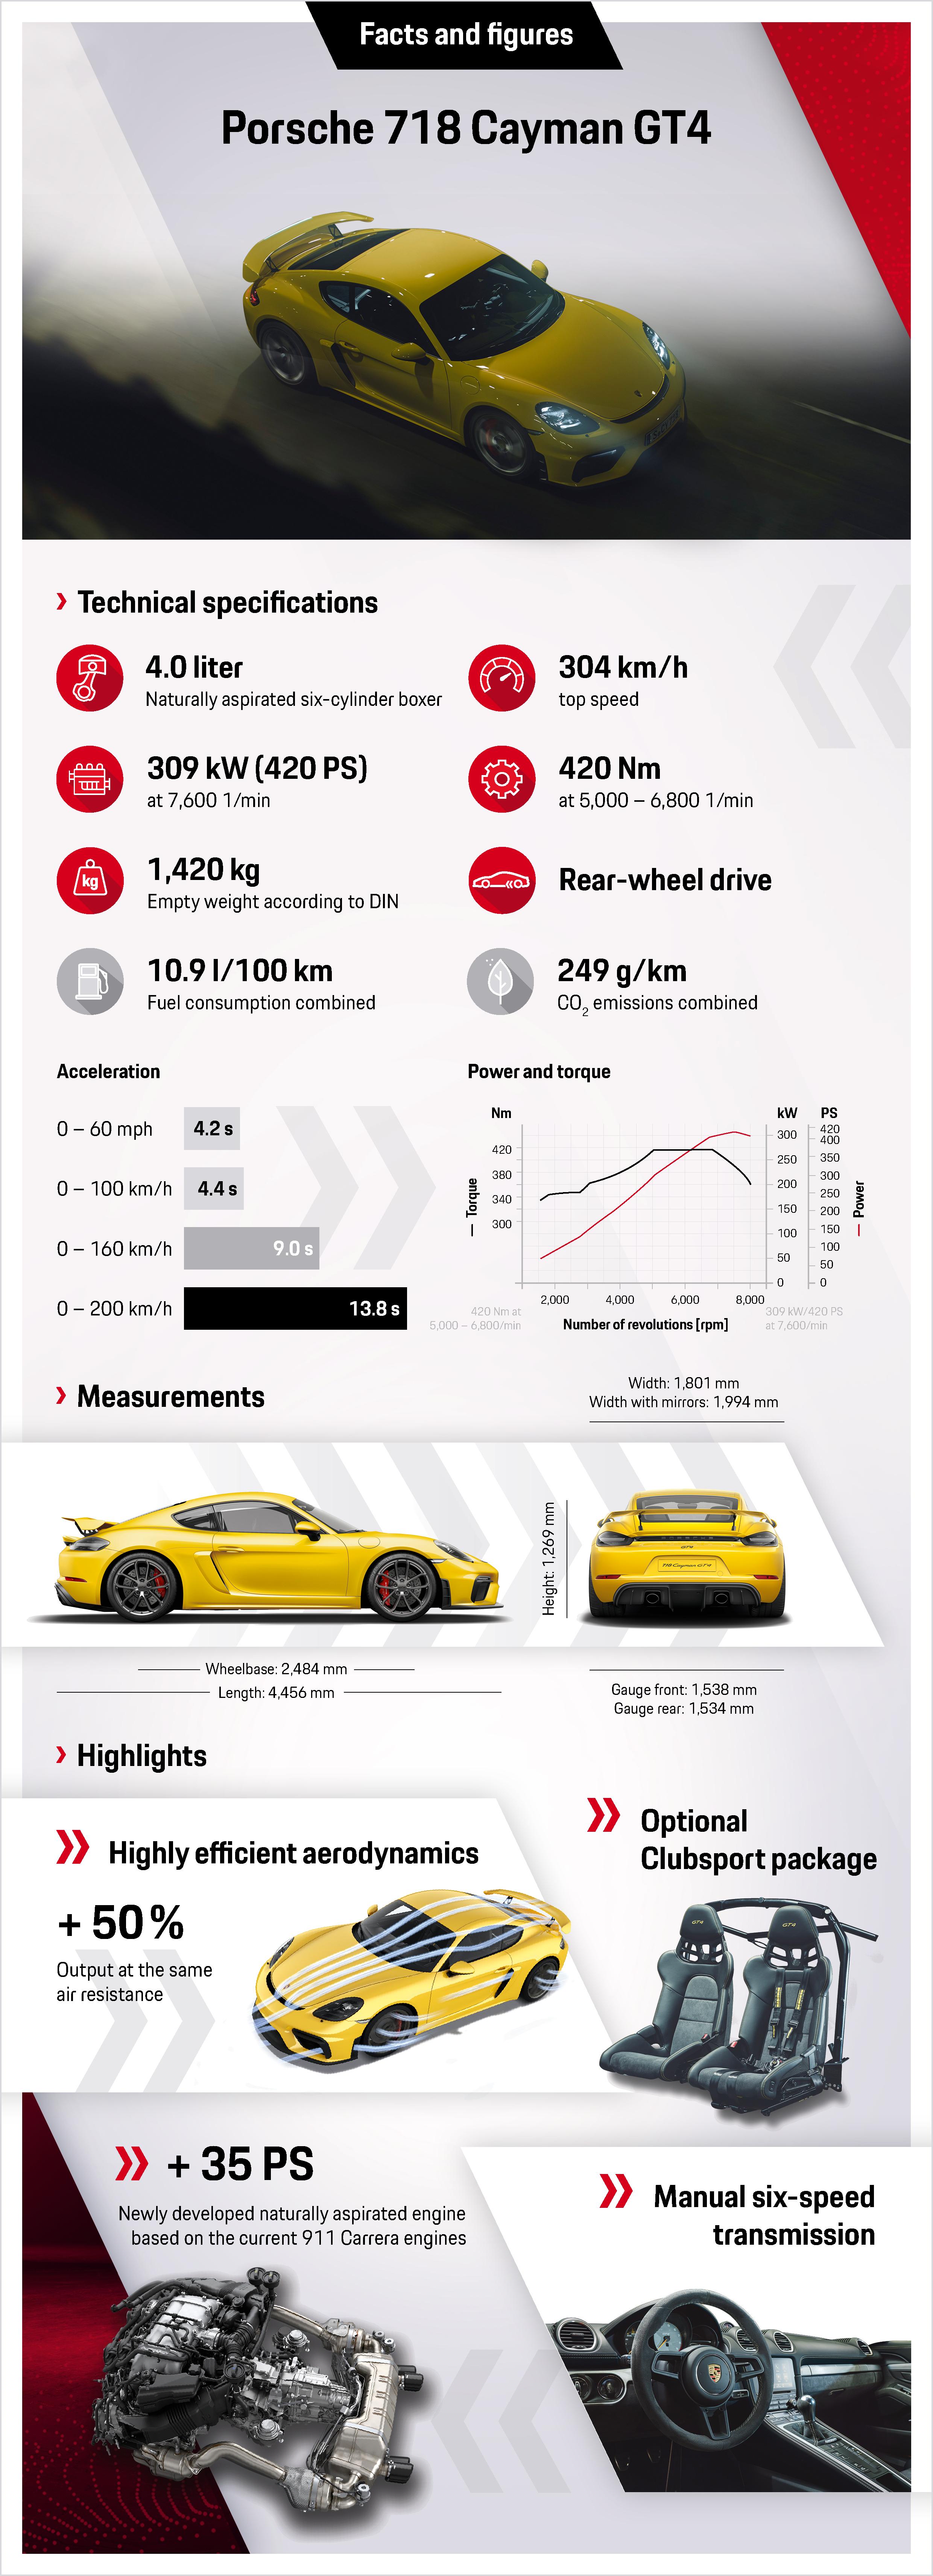 718 Cayman GT4, infographic, 2019, Porsche AG